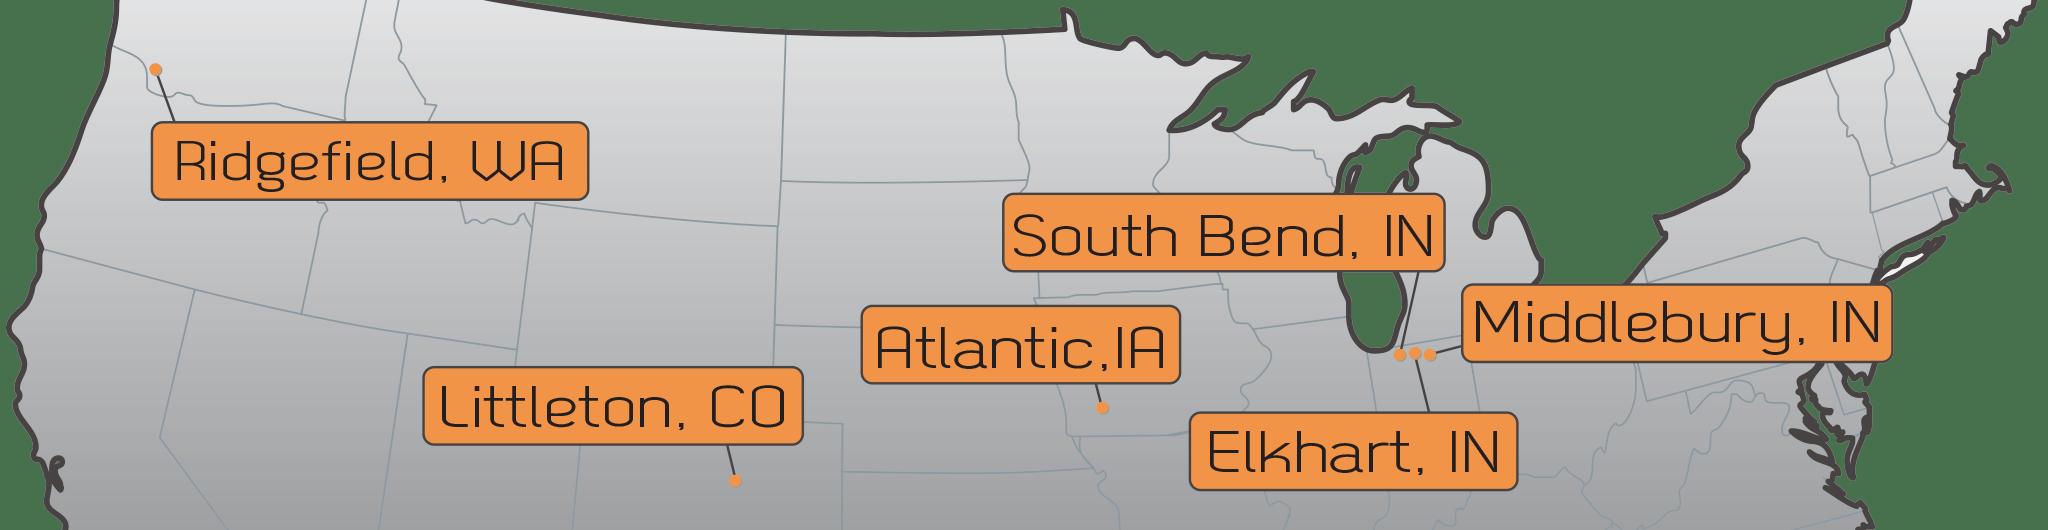 Six Rotomold locations